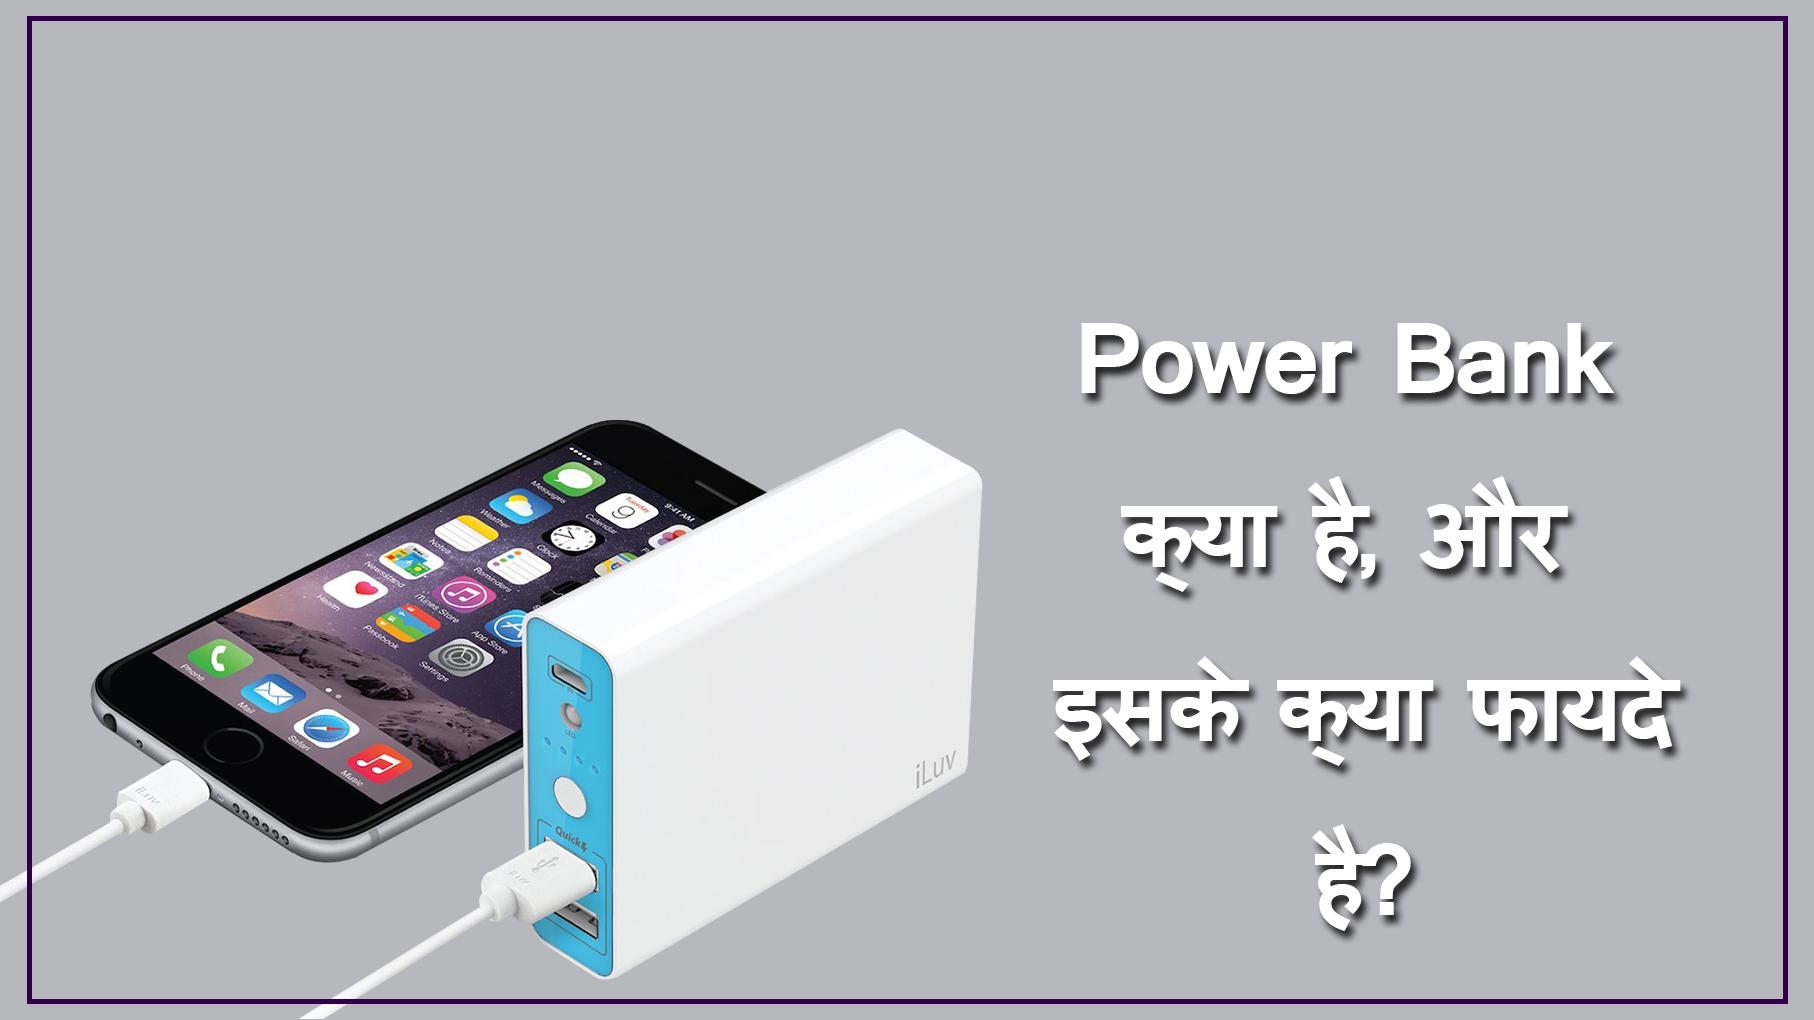 Power Bank kya hai